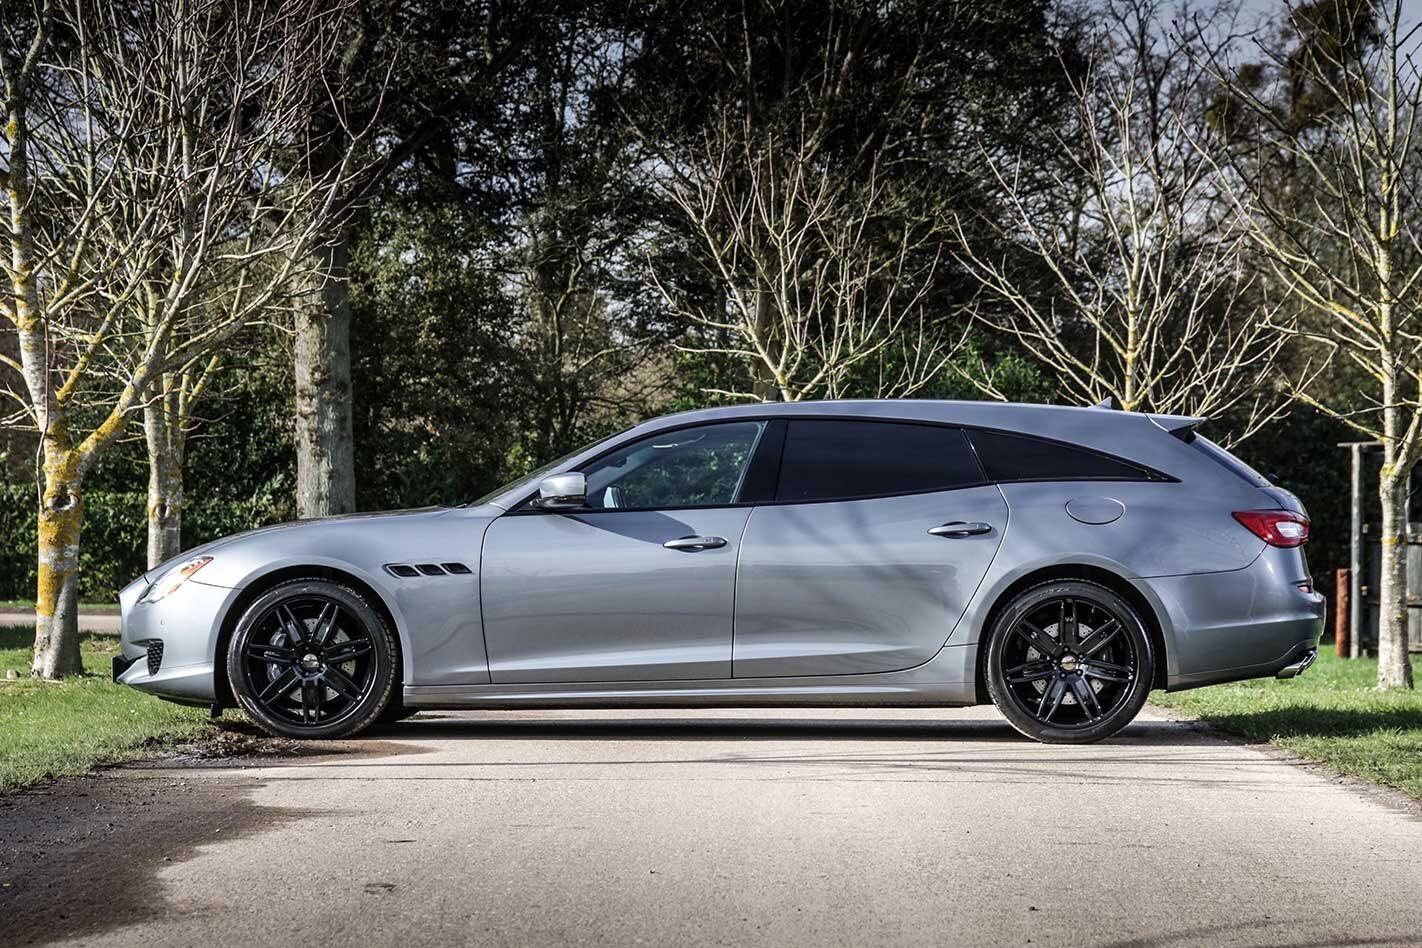 One-off Maserati Quattroporte wagon sale